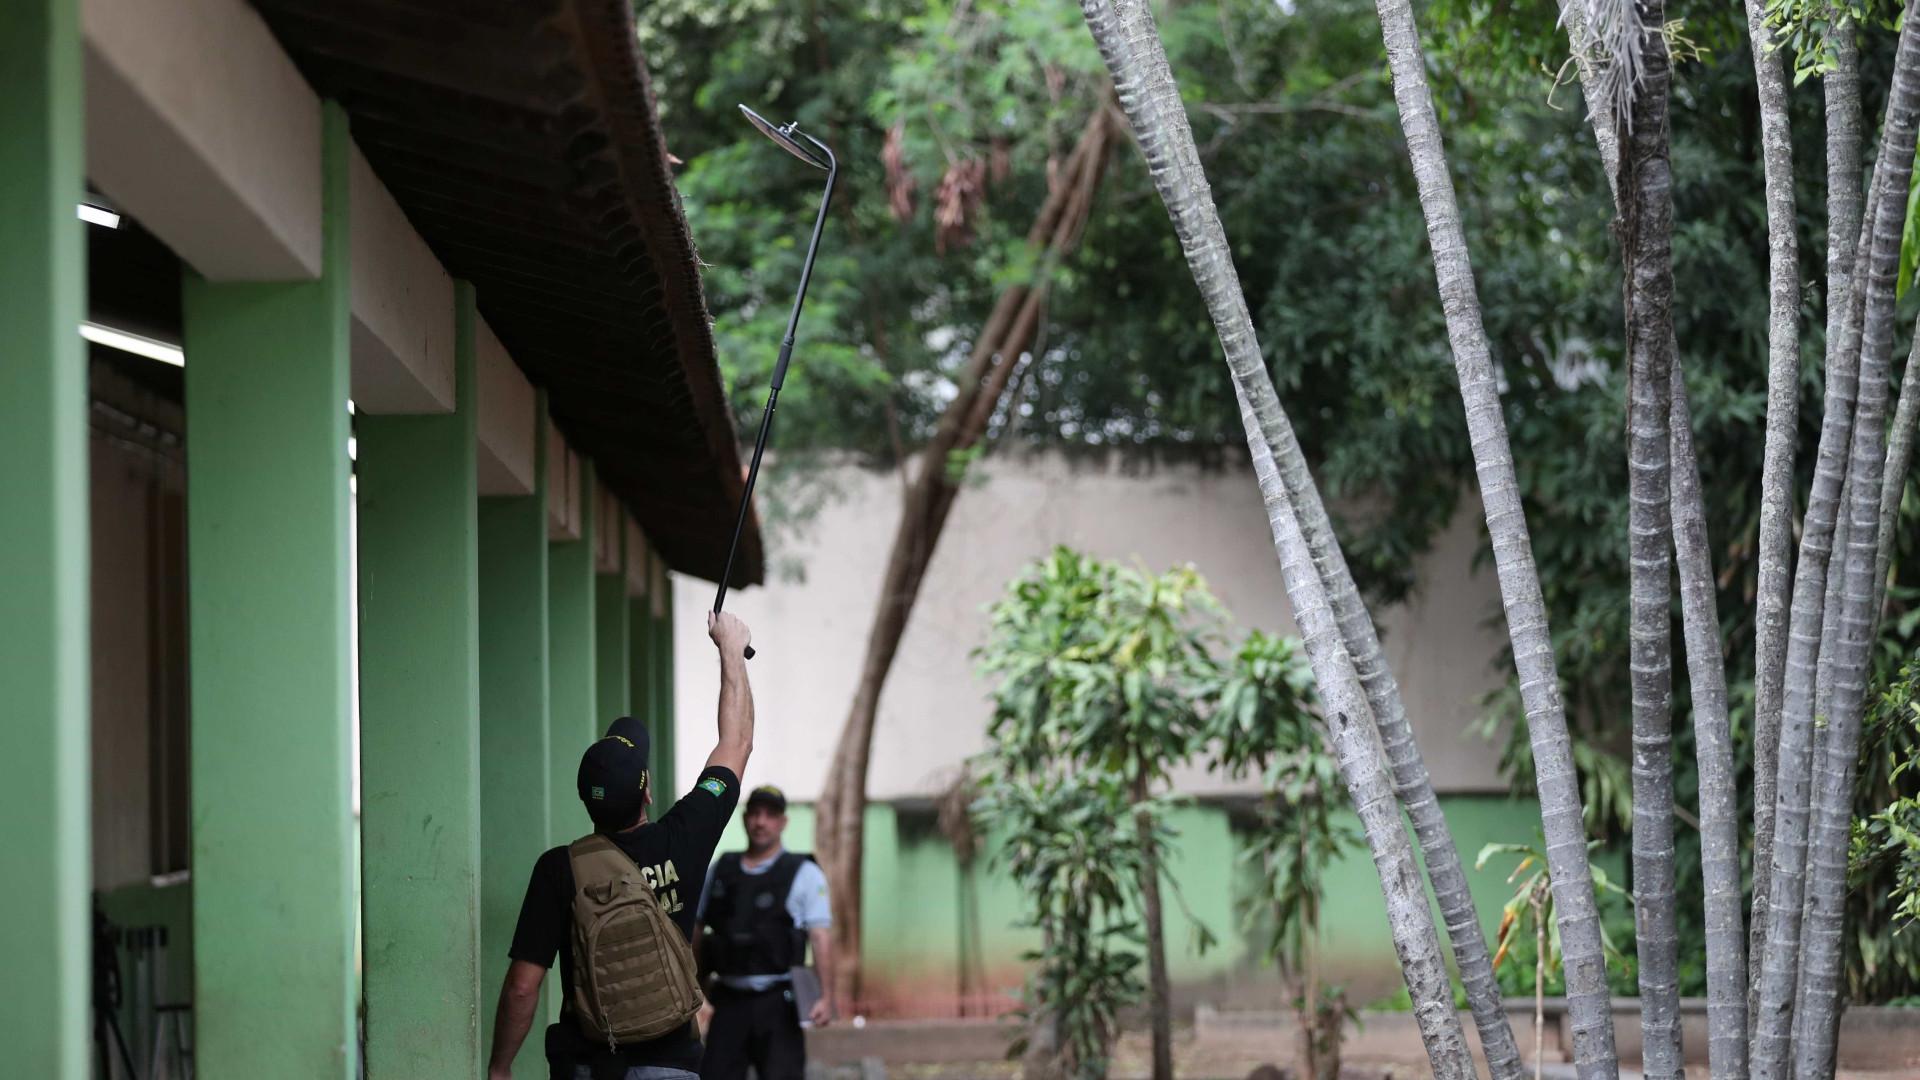 Policiais fazem varredura no local de votação de Jair Bolsonaro